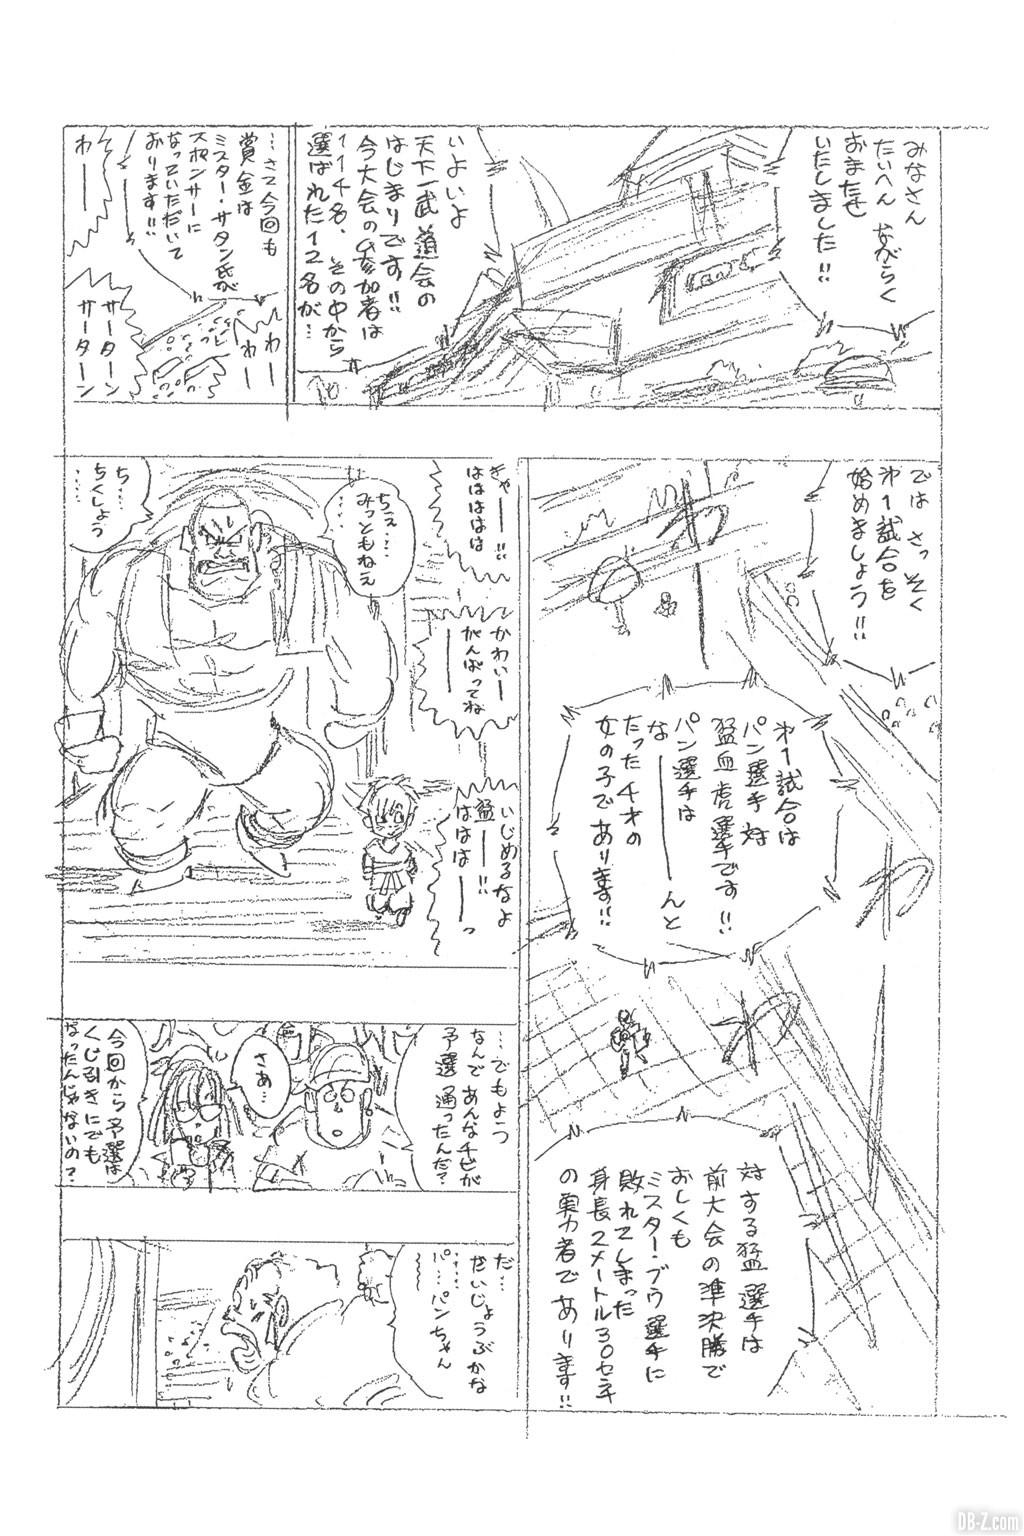 Brouillon Akira Toriyama Dernier Chapitre de Dragon Ball Page 5